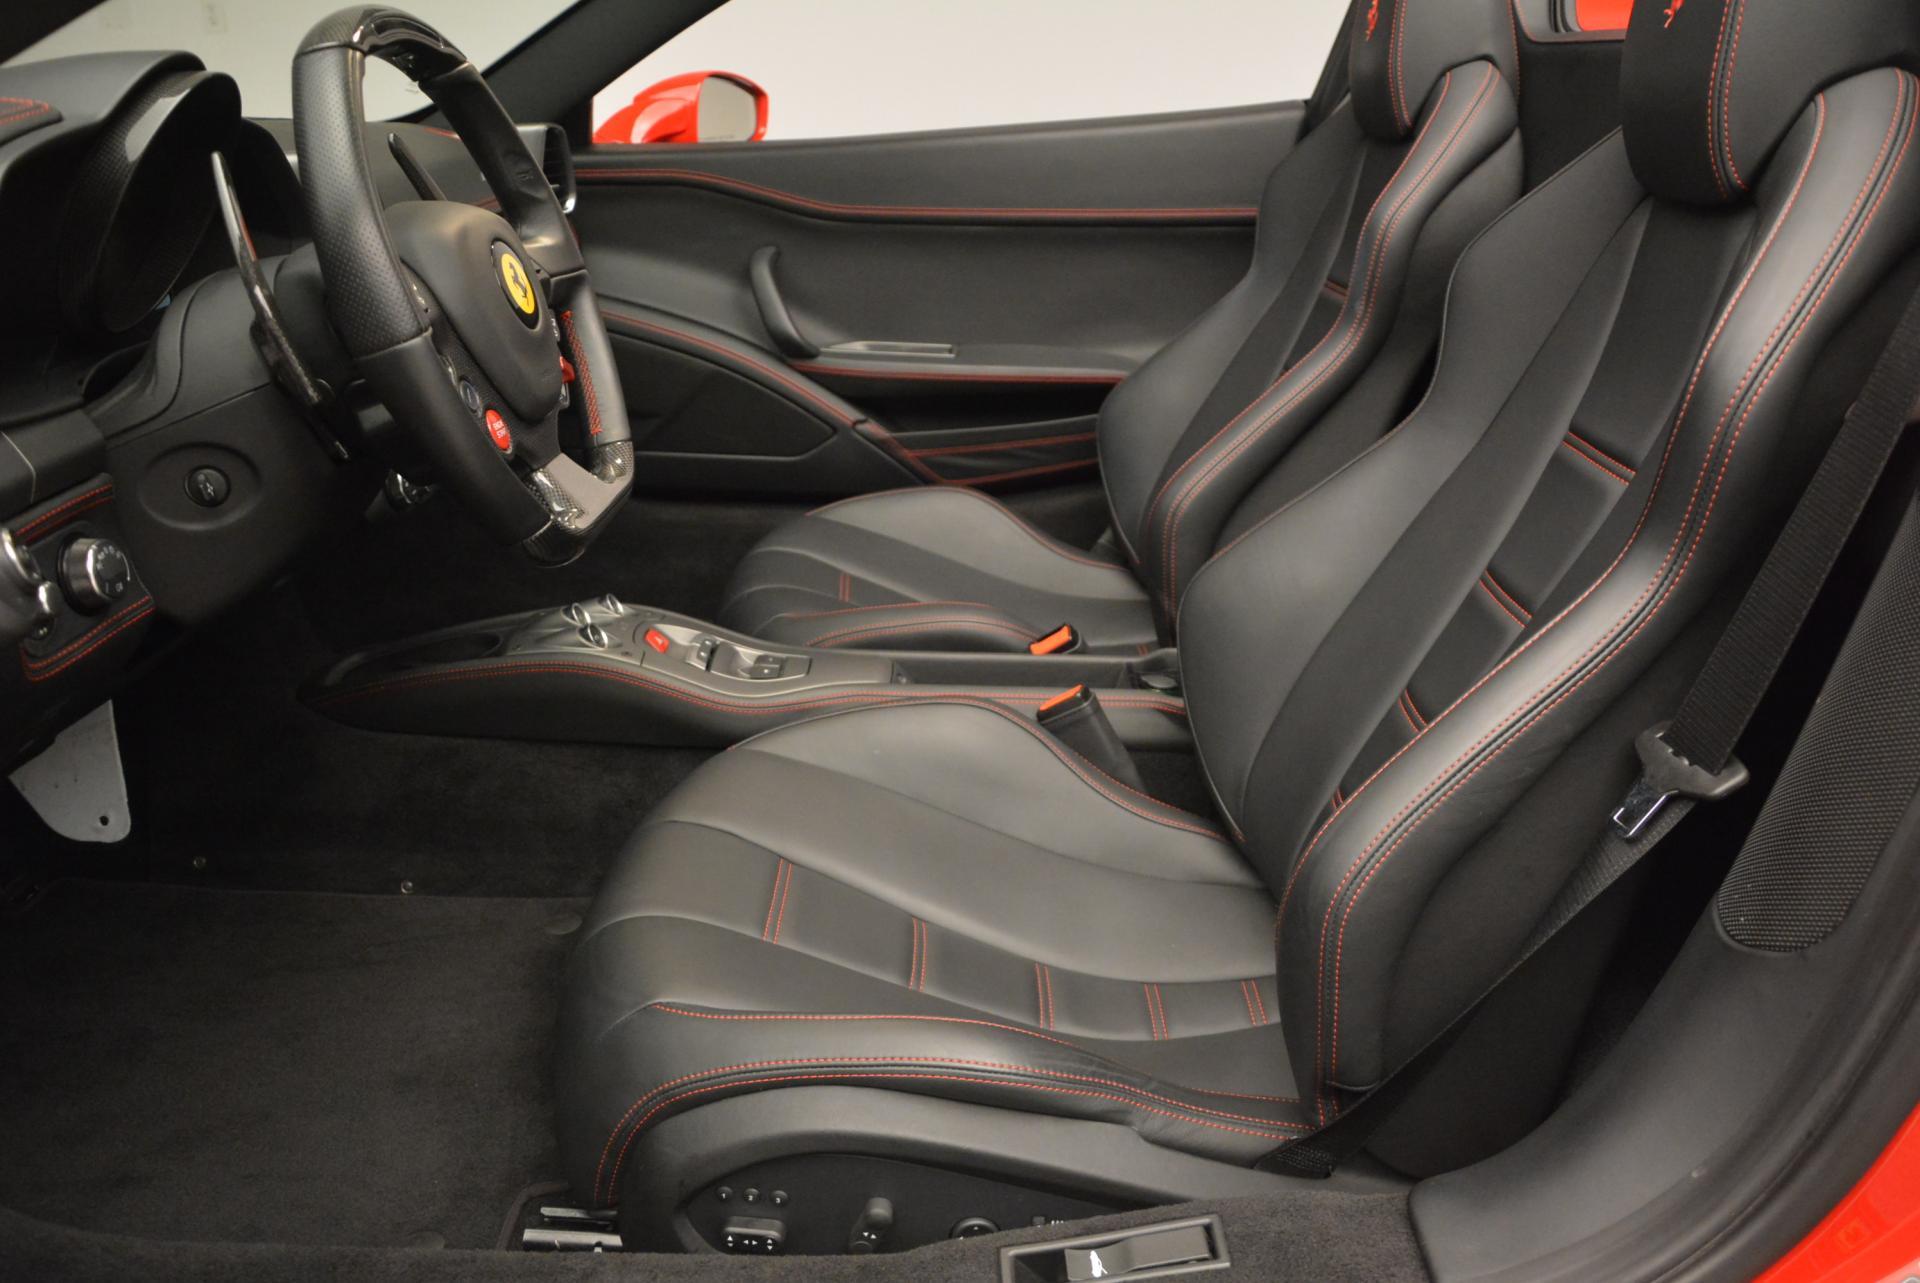 Used 2014 Ferrari 458 Spider  For Sale In Greenwich, CT. Alfa Romeo of Greenwich, 4315 122_p26